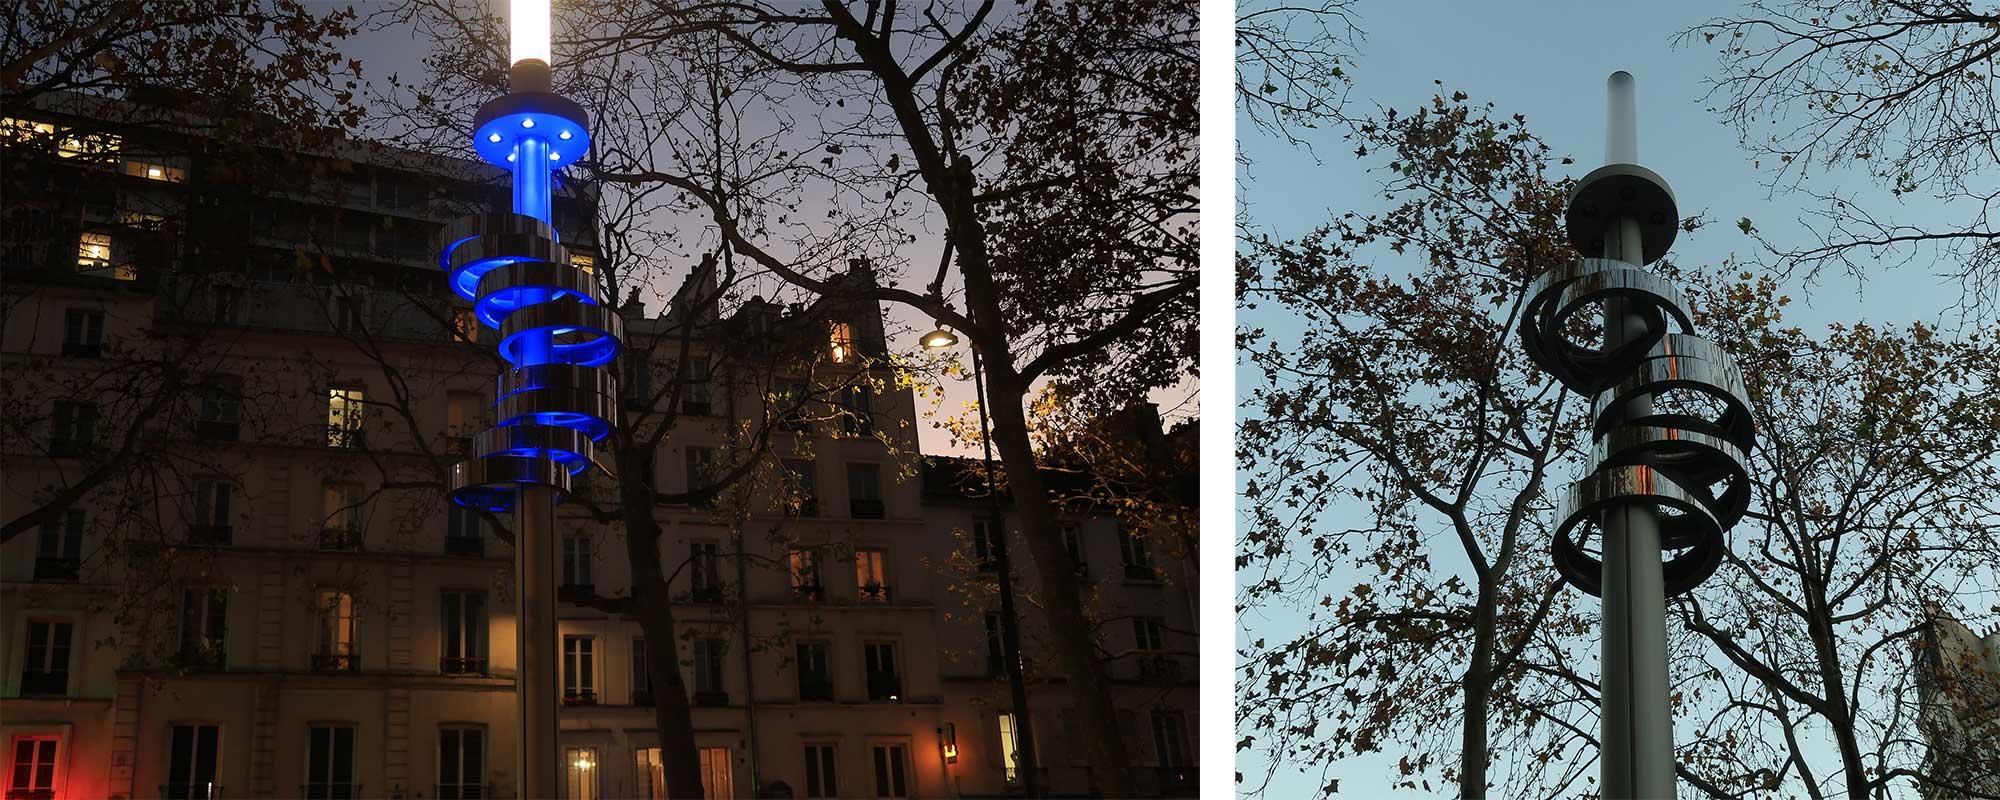 D_Paris-Mireille-Havet-nuit_1